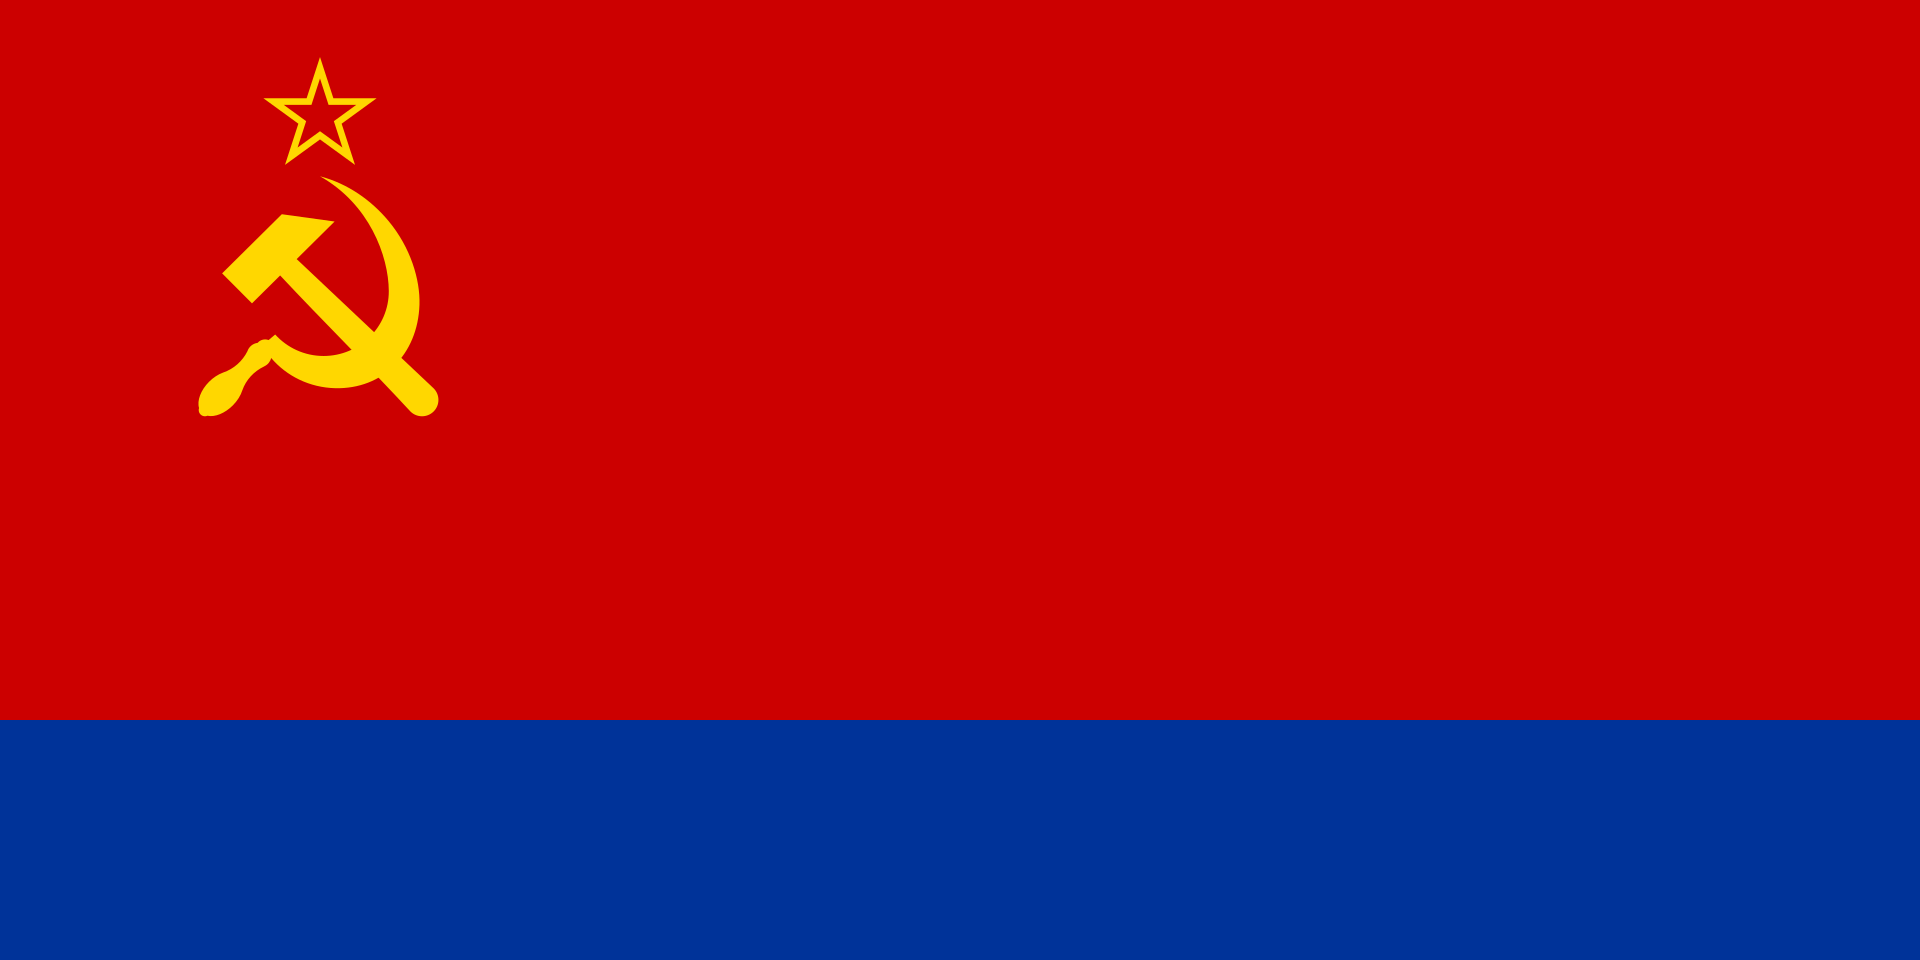 علم جمهورية أذربيجان الاشتراكية السوفيتية